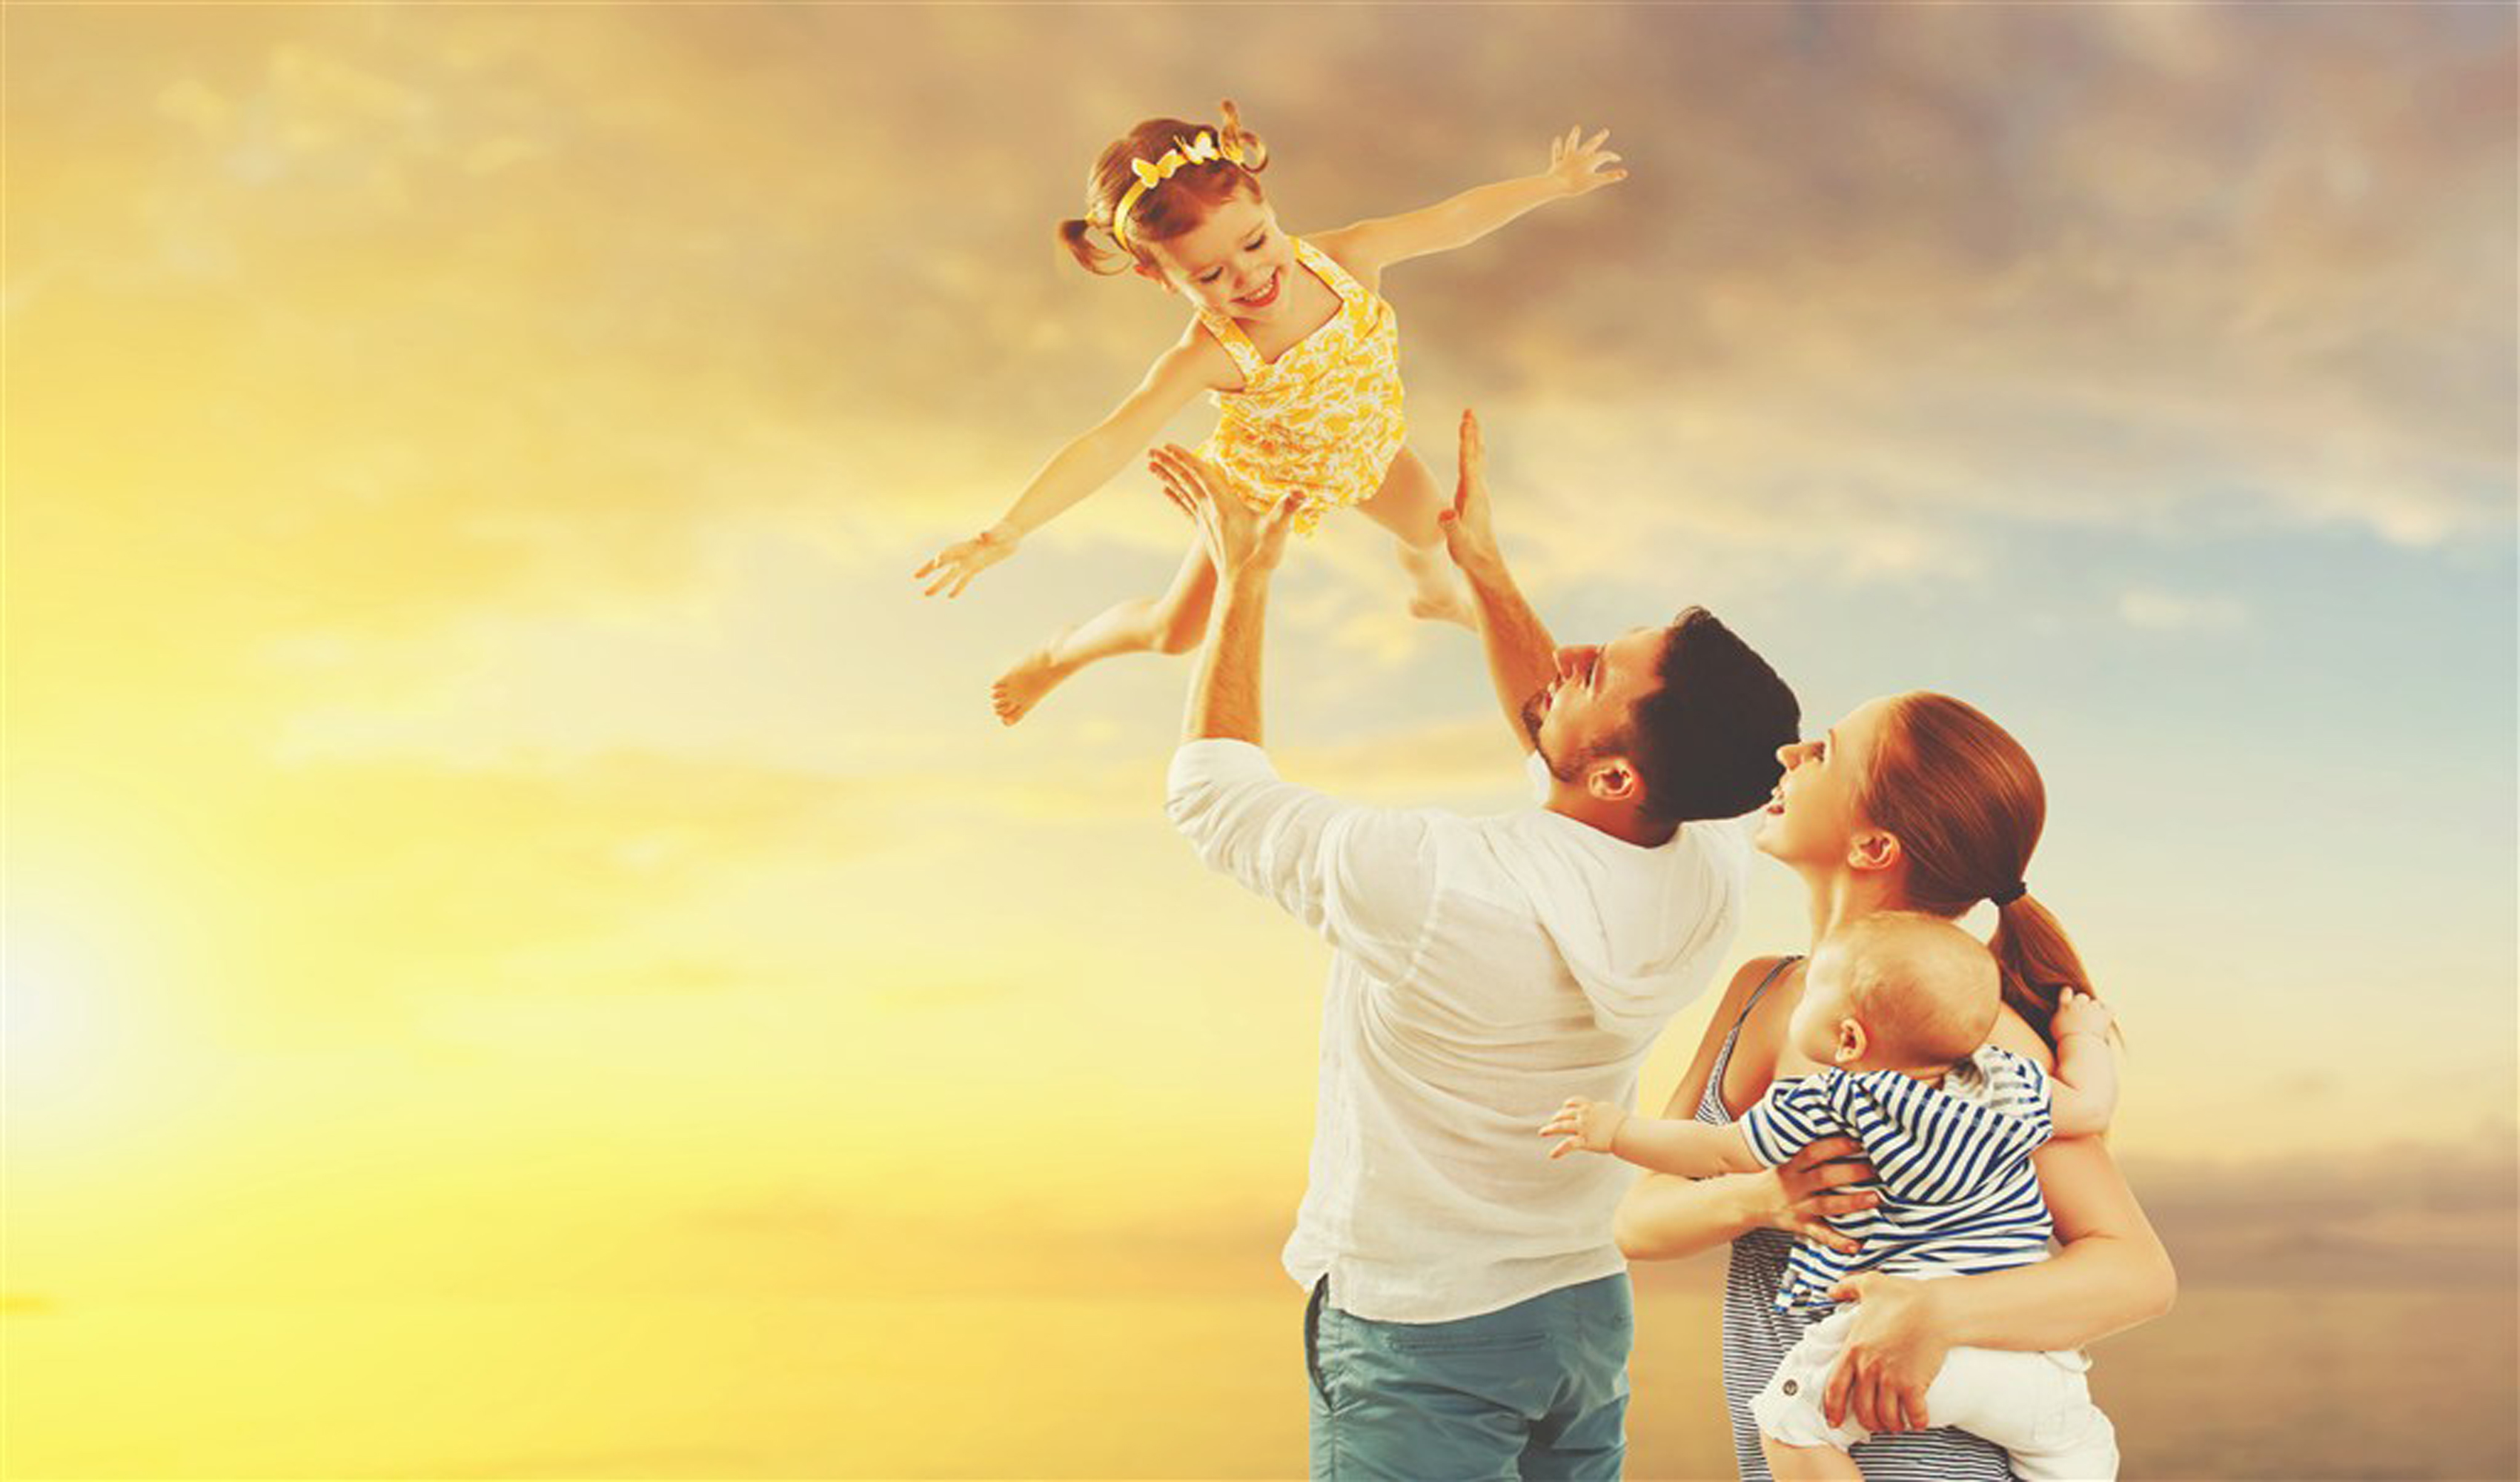 creative warm and happy family  family  happy  yellow